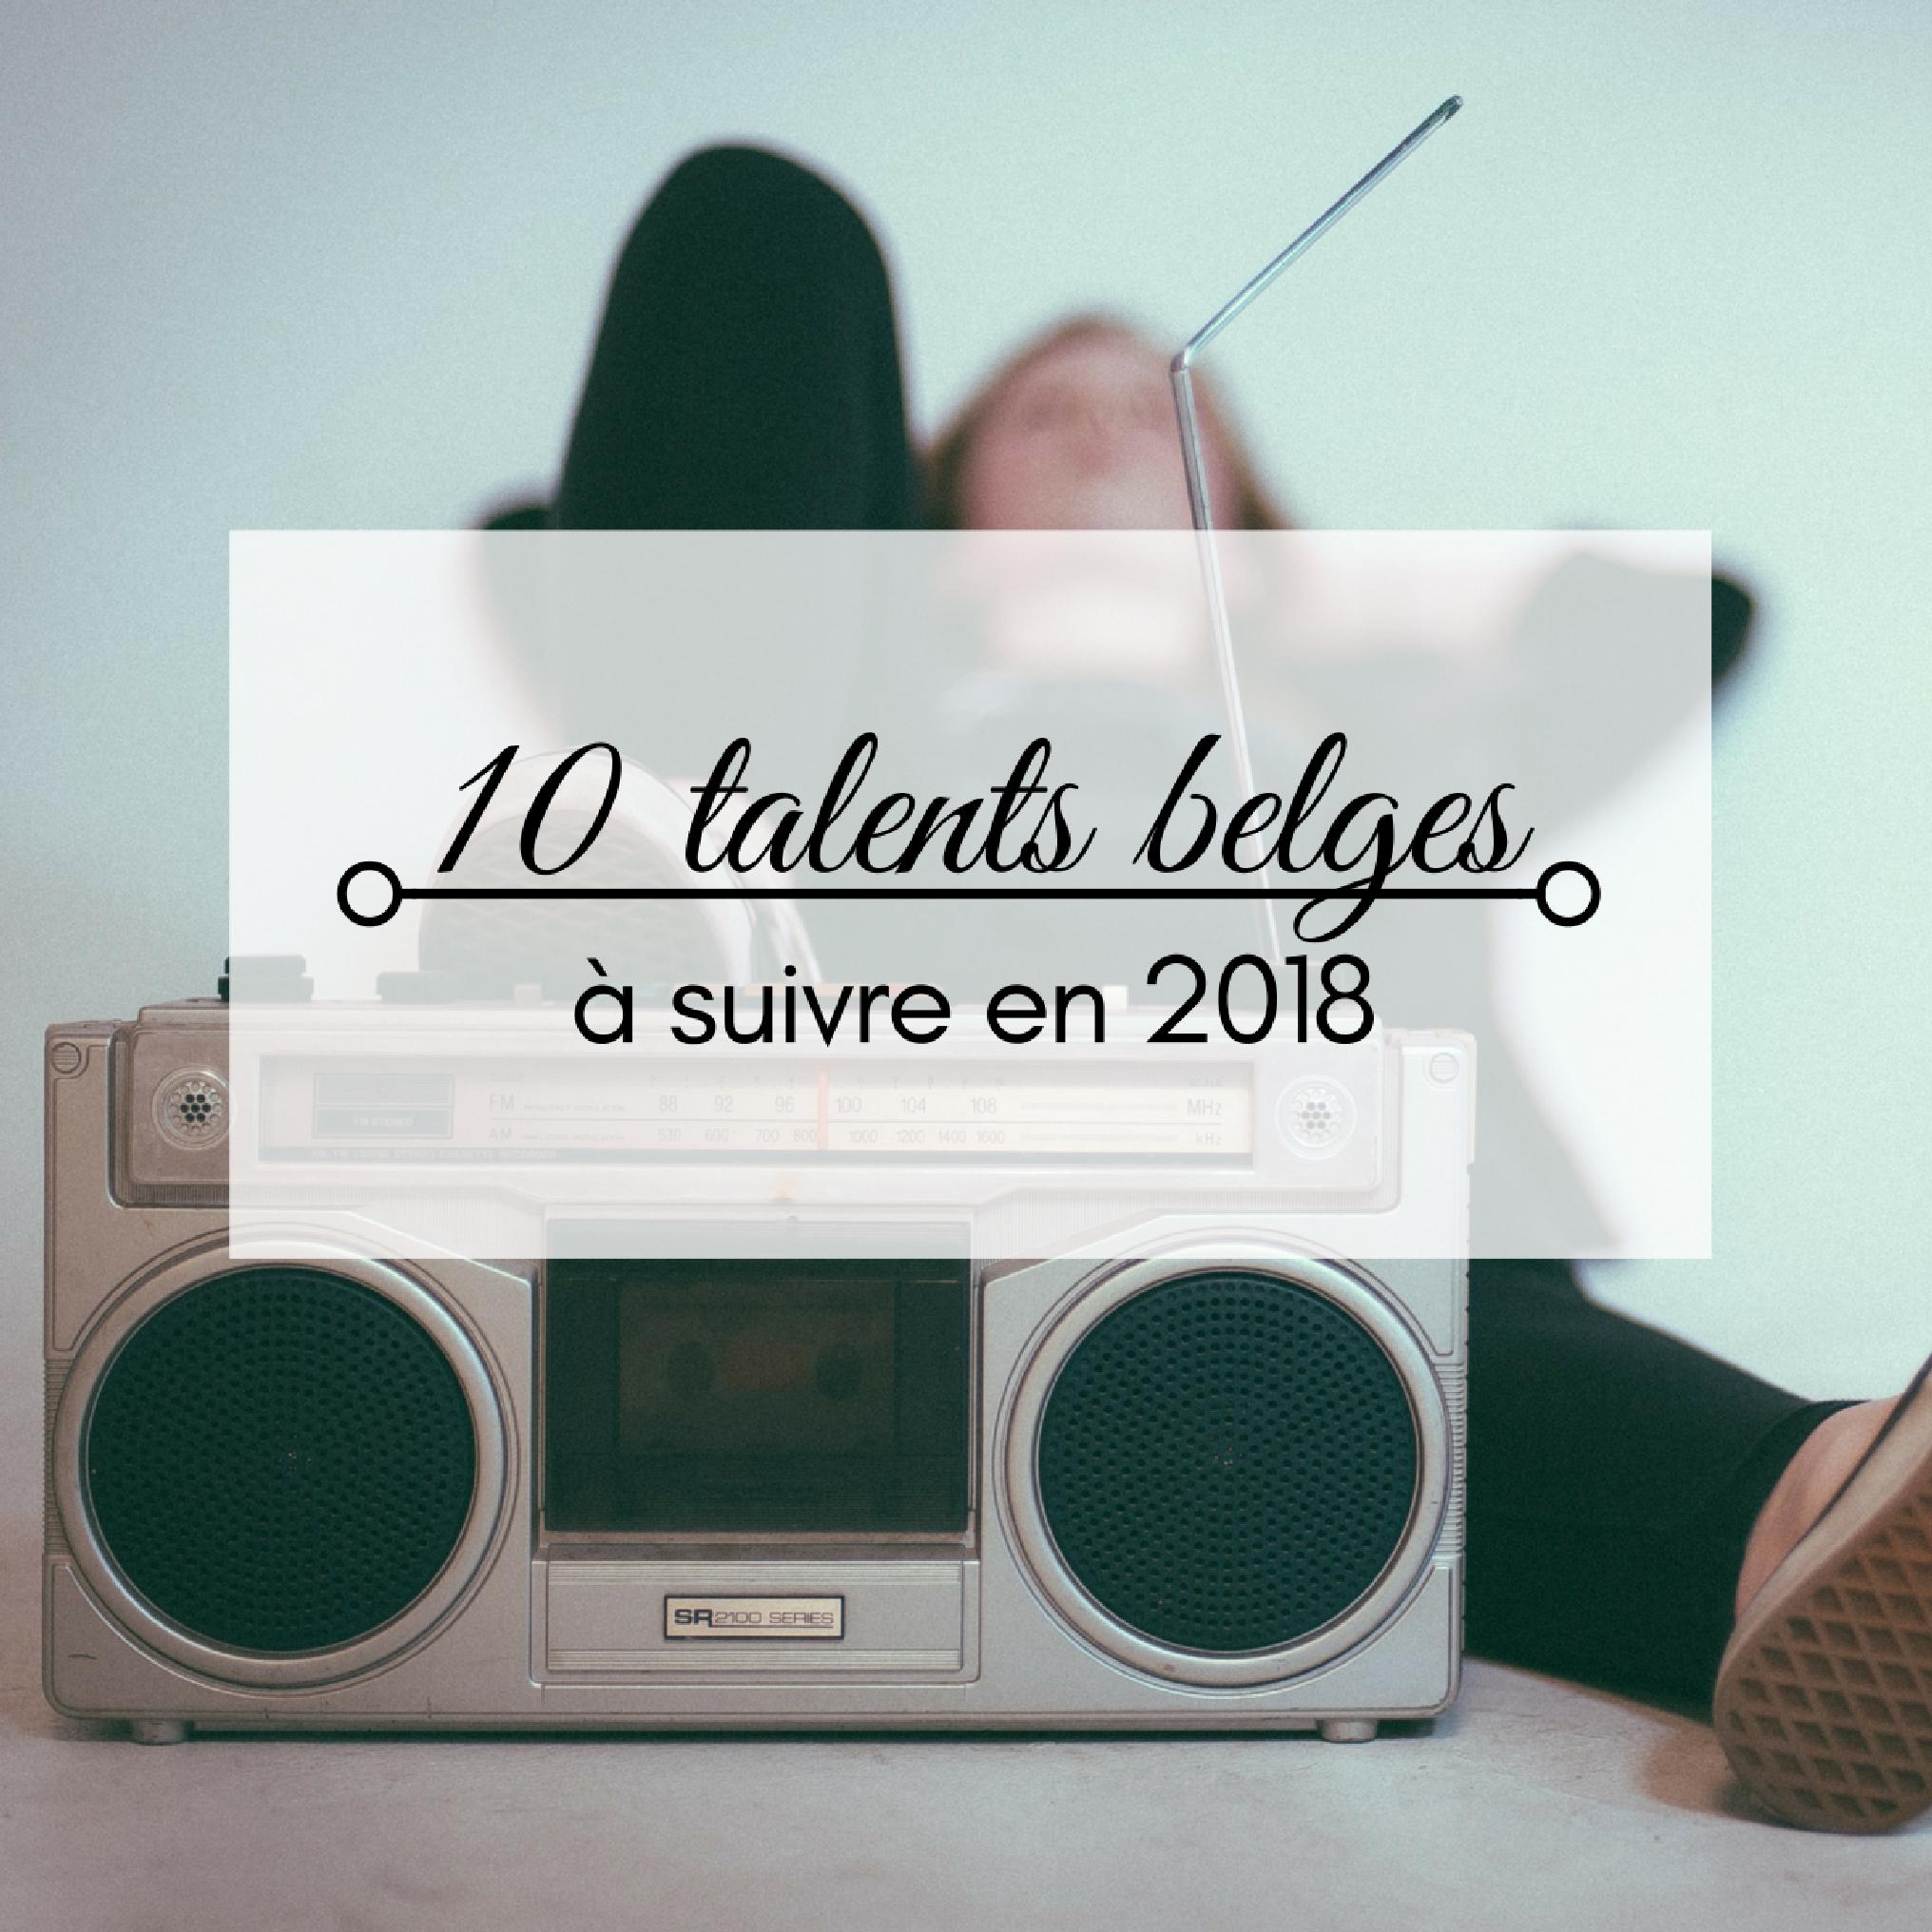 10 talents belges à suivre en 2018